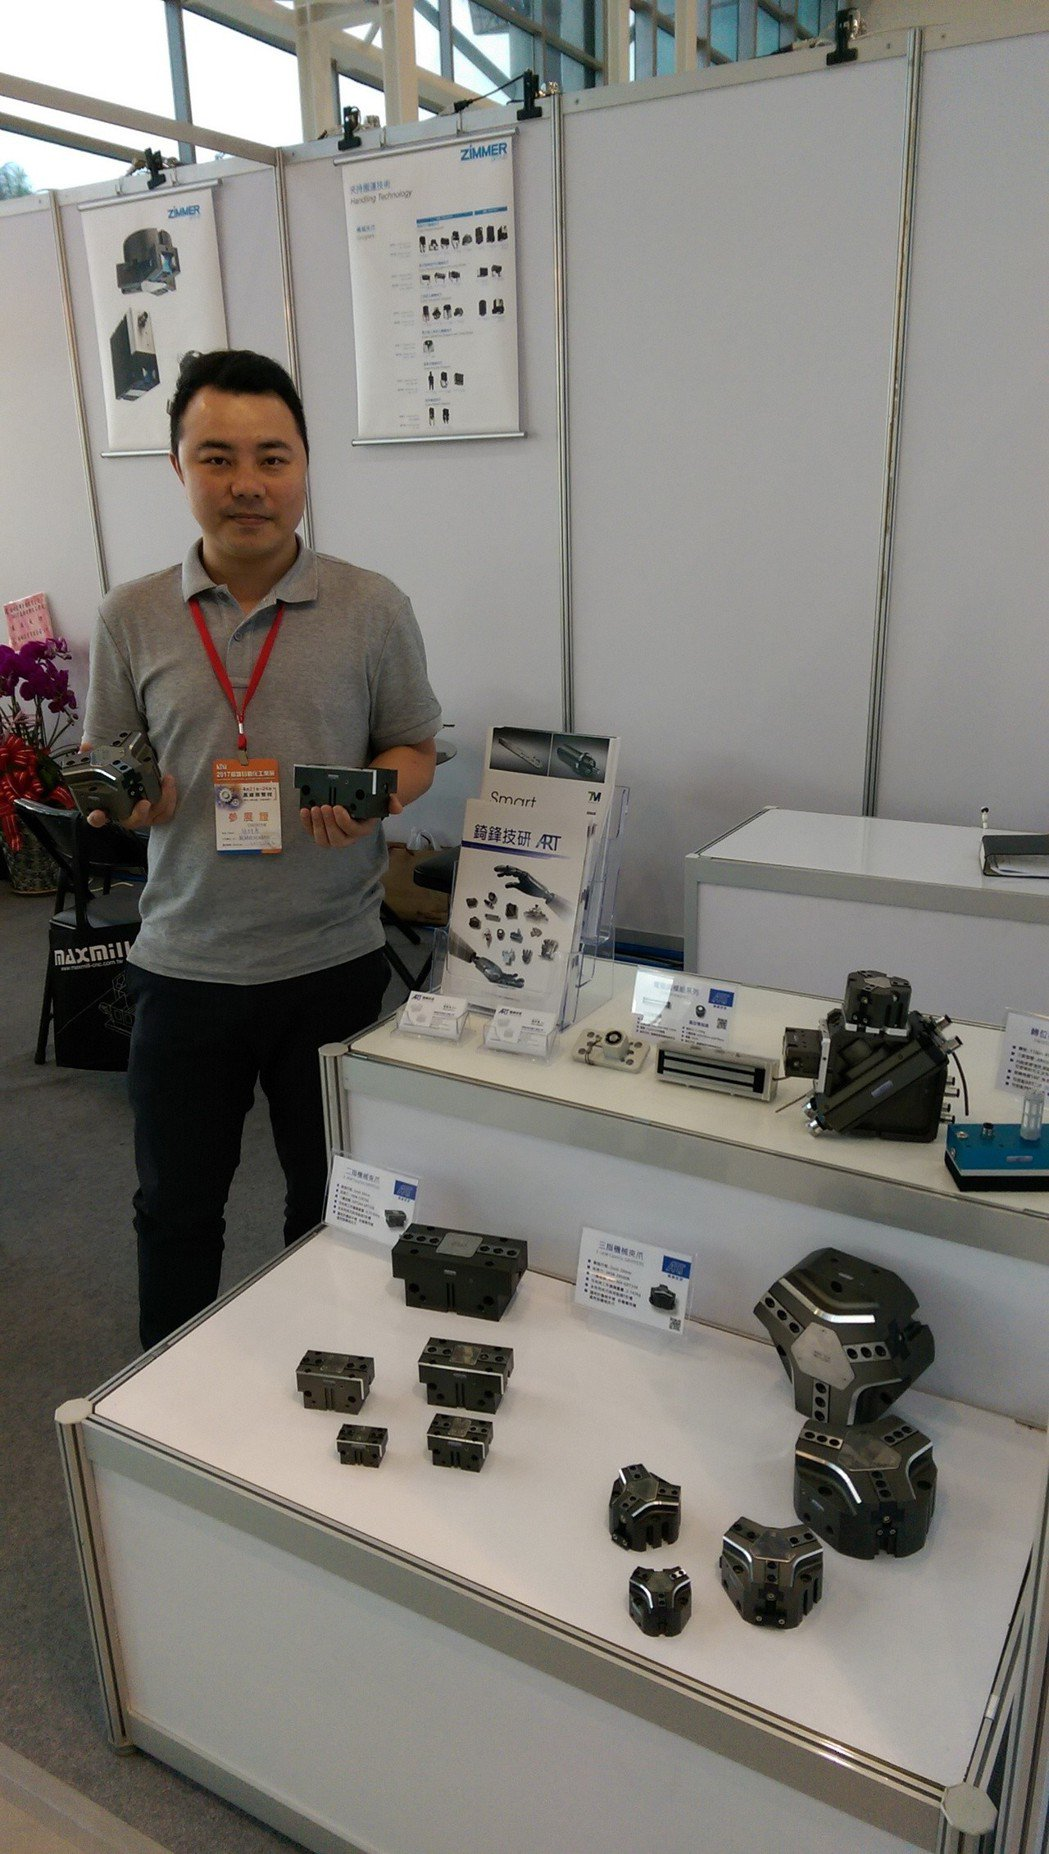 錡鋒技研業務經理簡詩展展示自有品牌「ART」機械手臂夾爪。莊智強/攝影